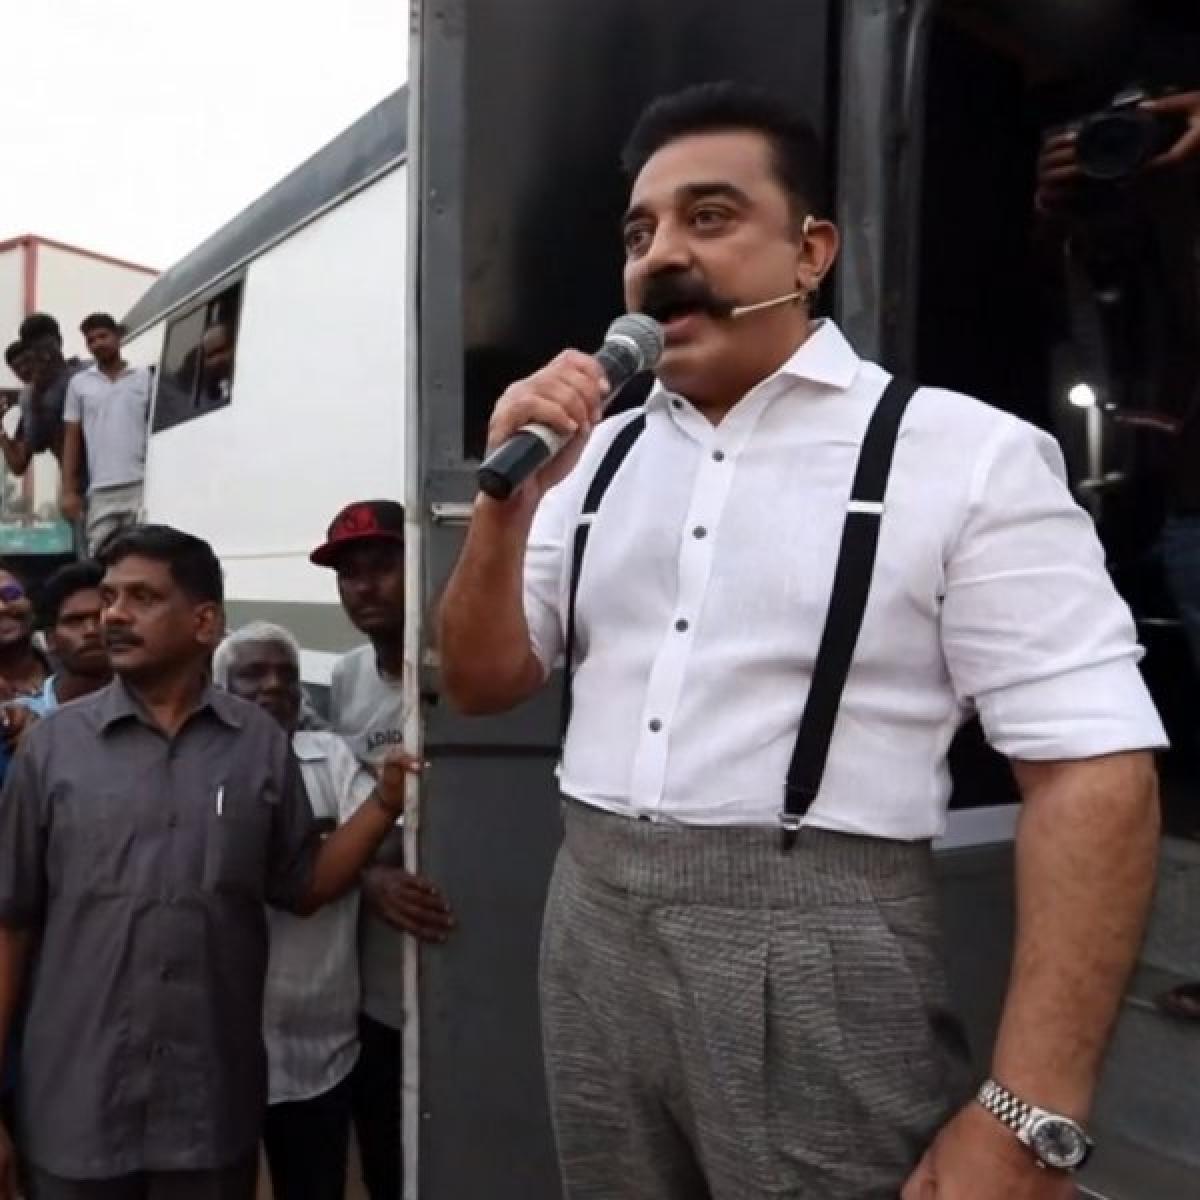 ஓவியாவே இருக்காங்க ஓ.கே. ஆனா, பிக்பாஸ்-2 ஓவியா யாரு பாஸ்? #BiggBossTamil